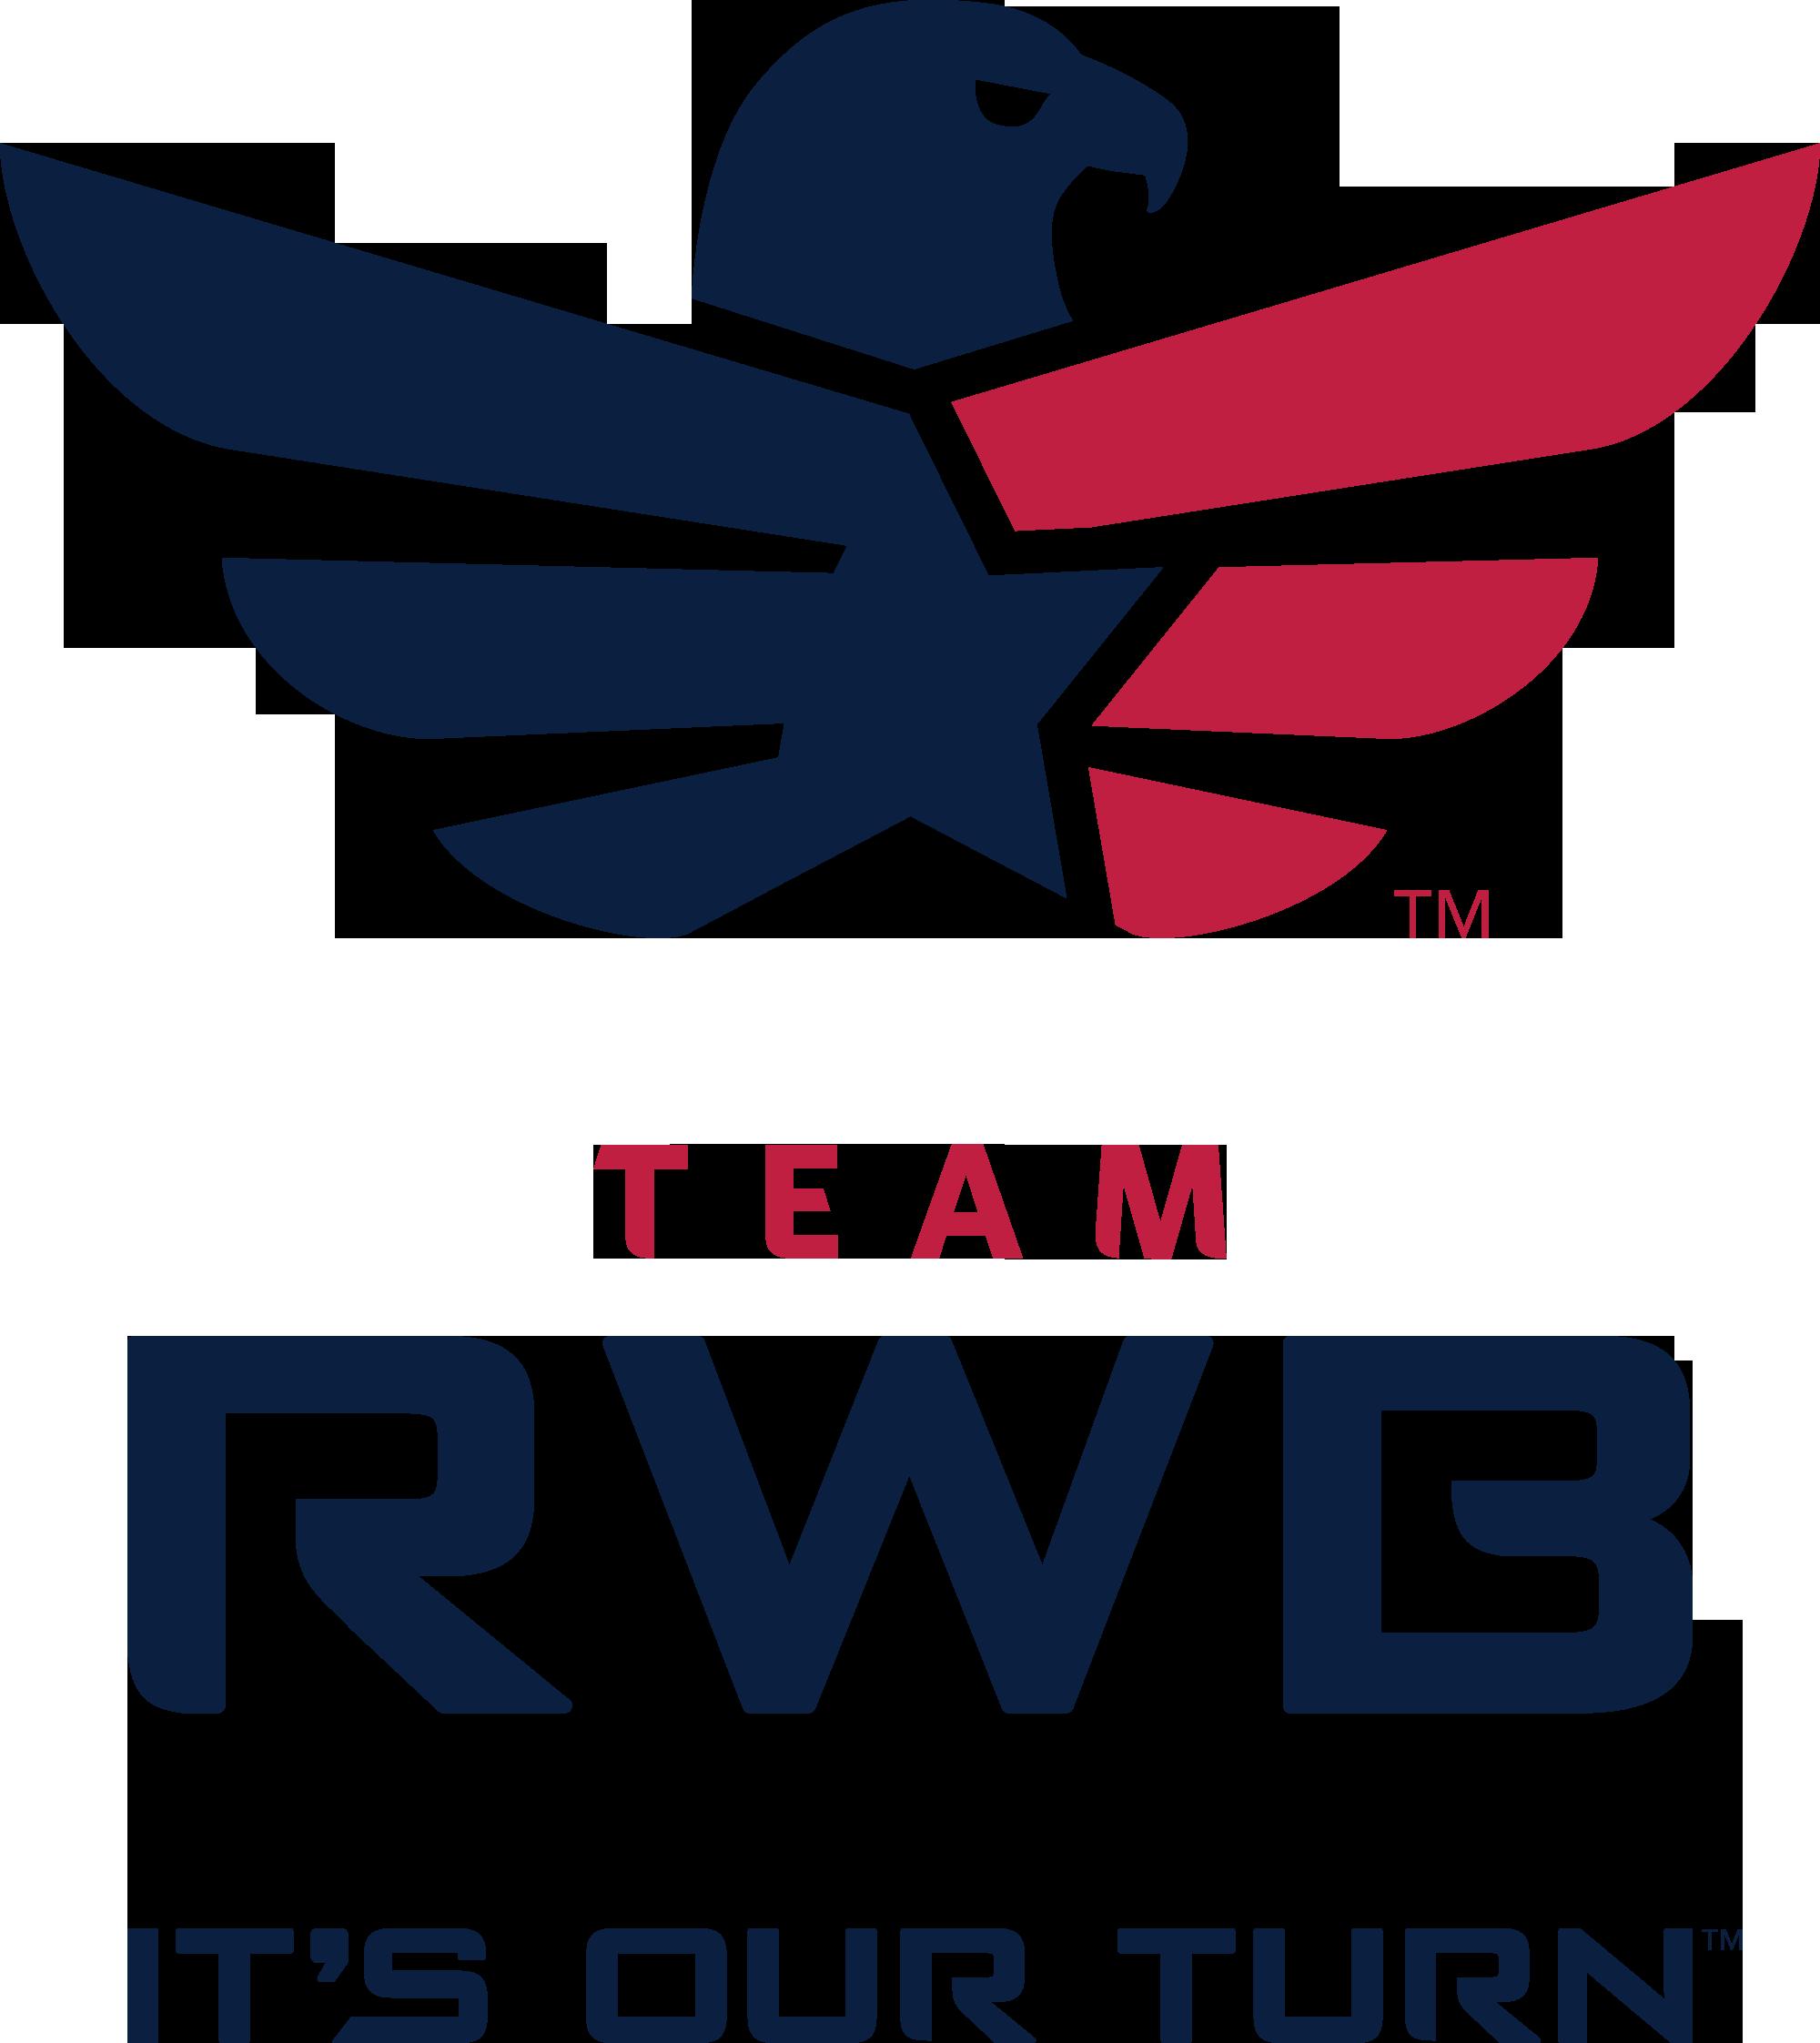 TeamRWB-LogoTag_RGB.png